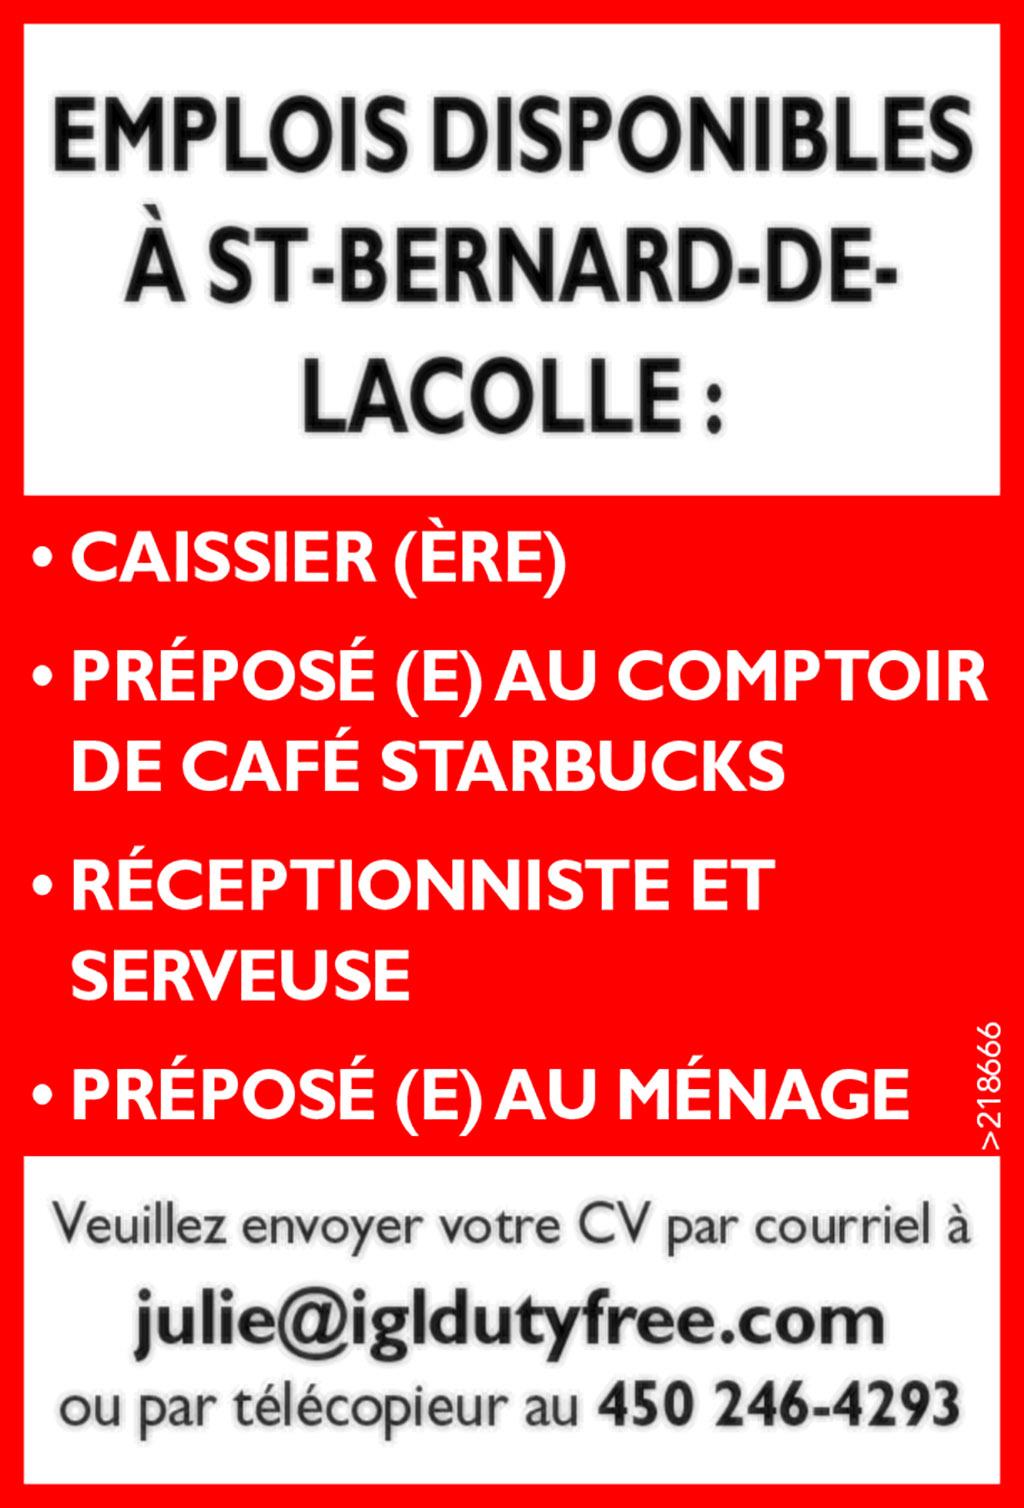 • CAISSIER (ÈRE) • PRÉPOSÉ (E) AU COMPTOIR DE CAFÉ STARBUCKS • RÉCEPTIONNISTE ET SERVEUSE • PRÉPOSÉ (E) AU MÉNAGE